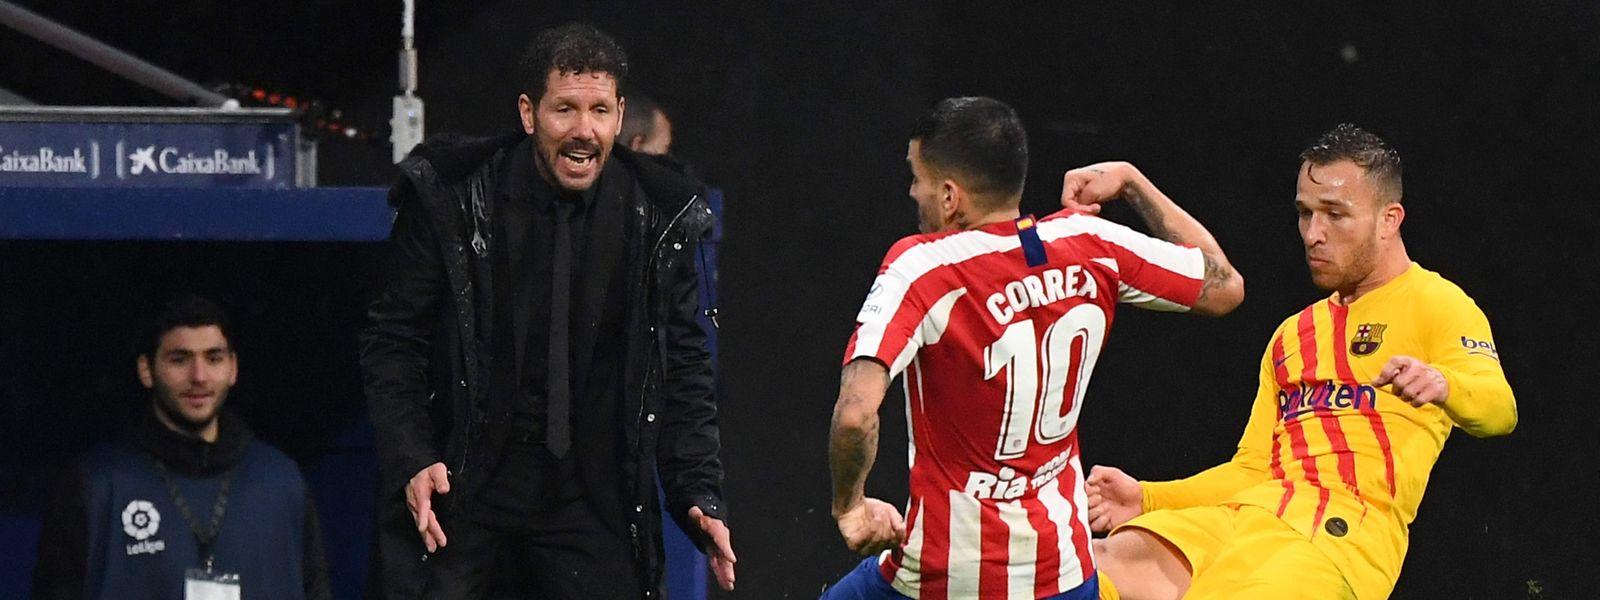 Après huit années de succès, Diego Simeone et l'Atlético connaissent une saison difficile.